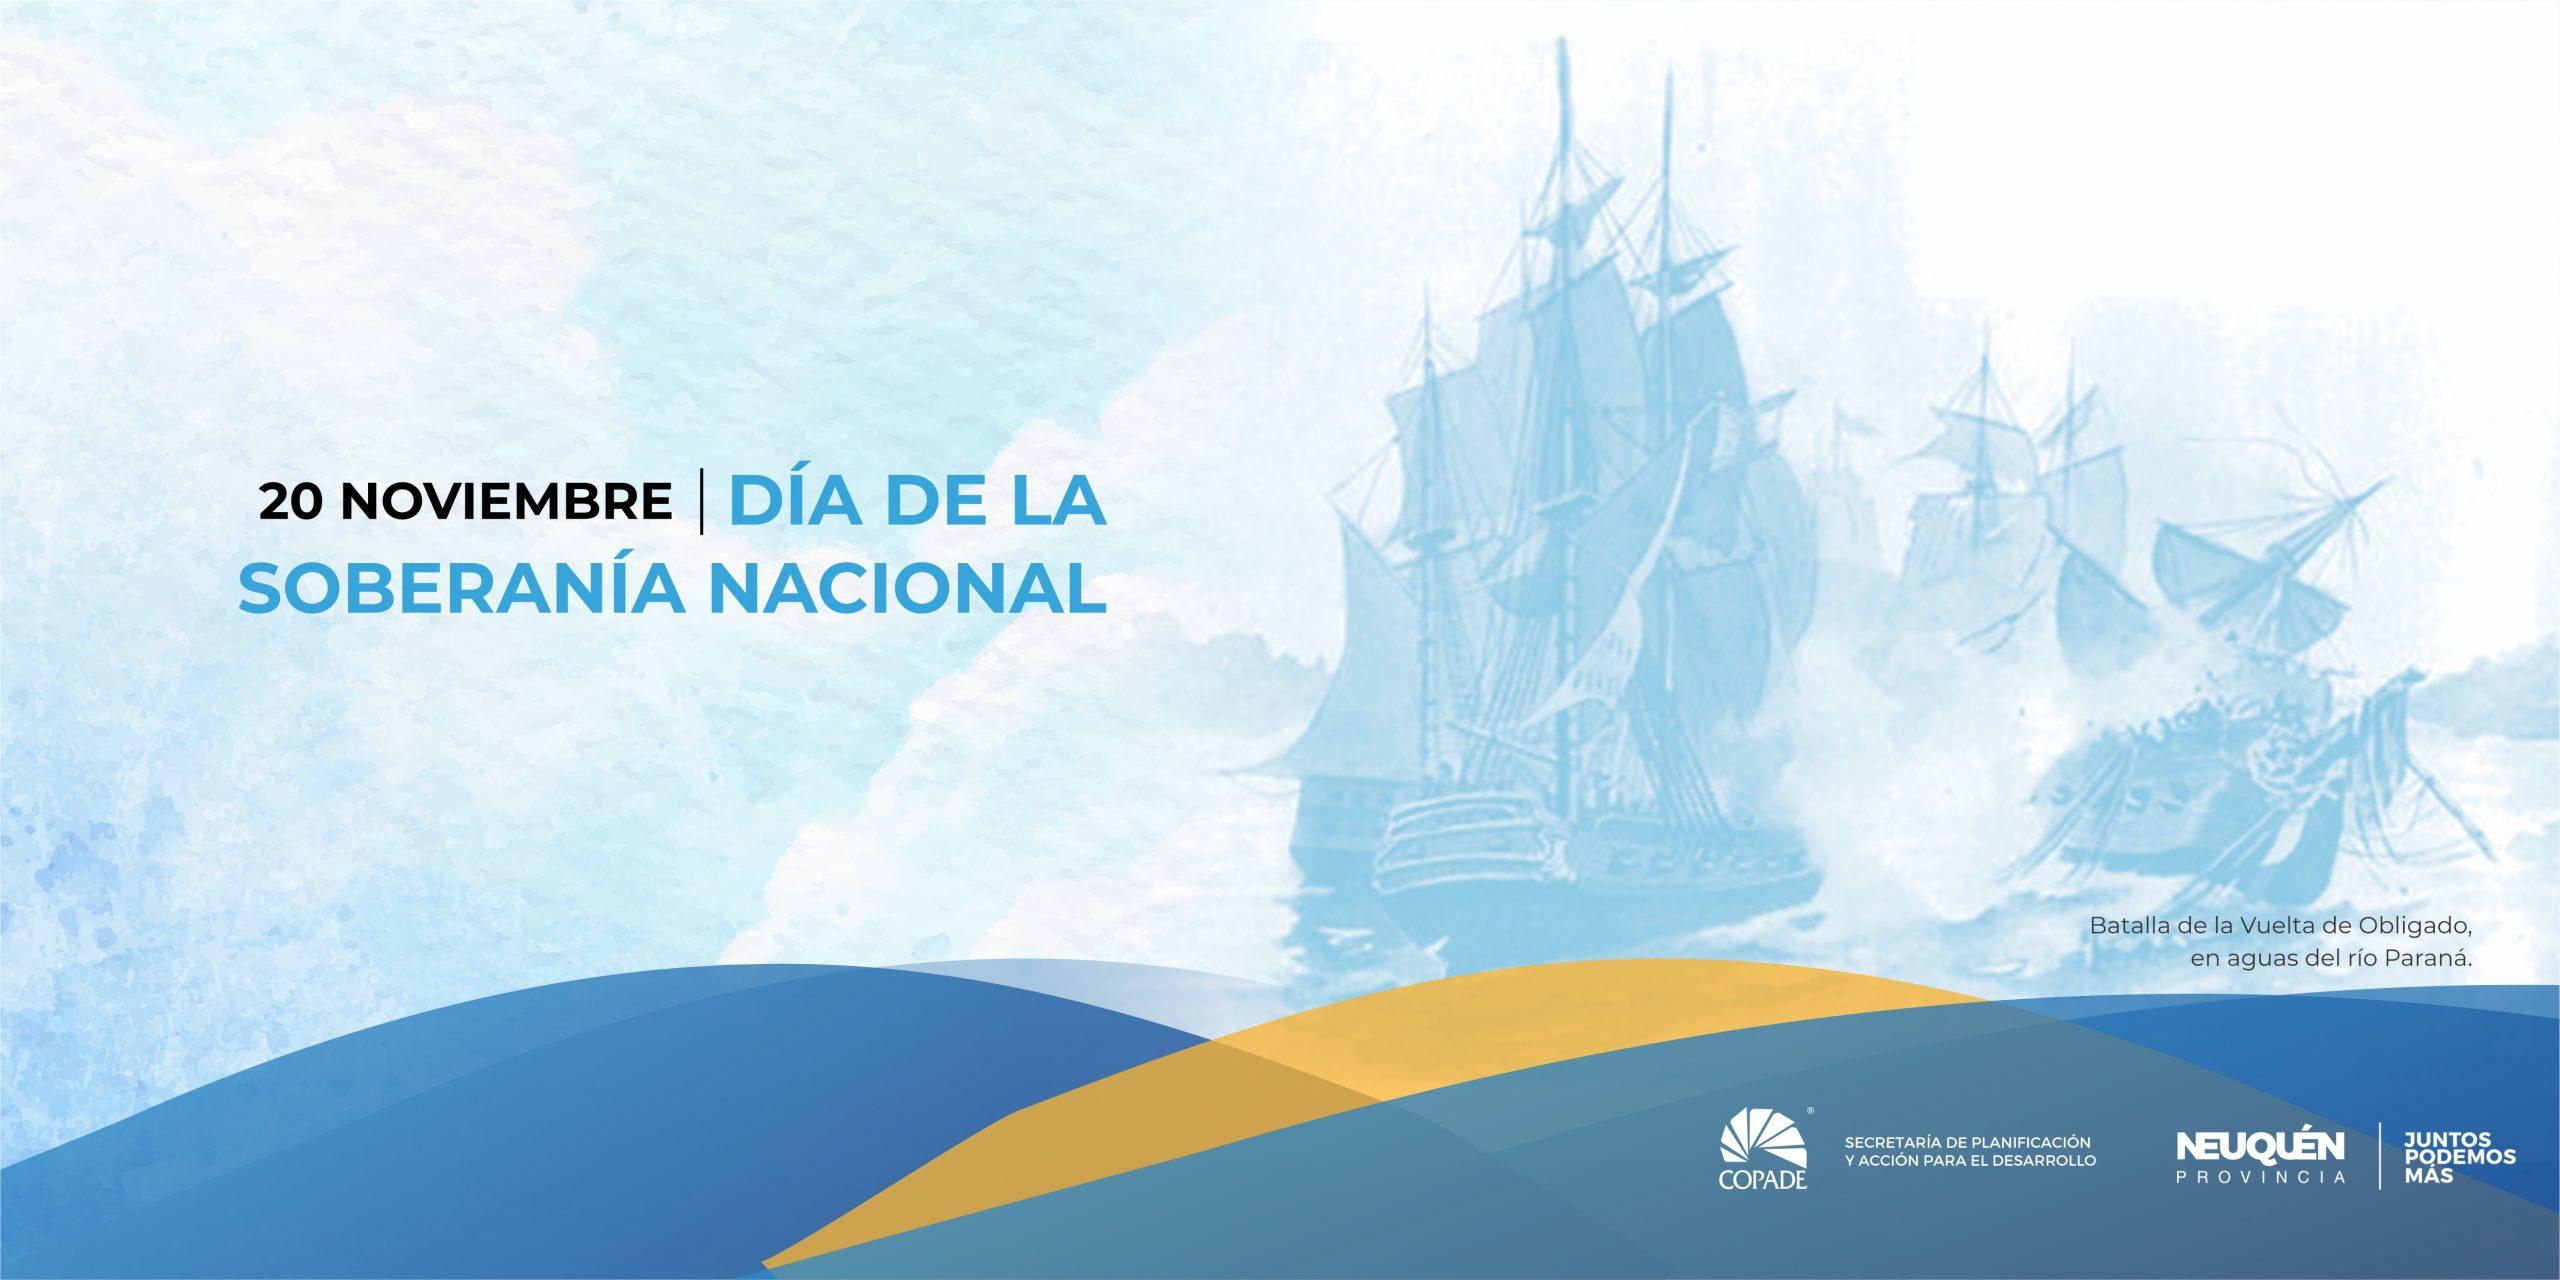 20 noviembre | Día de la Soberanía Nacional